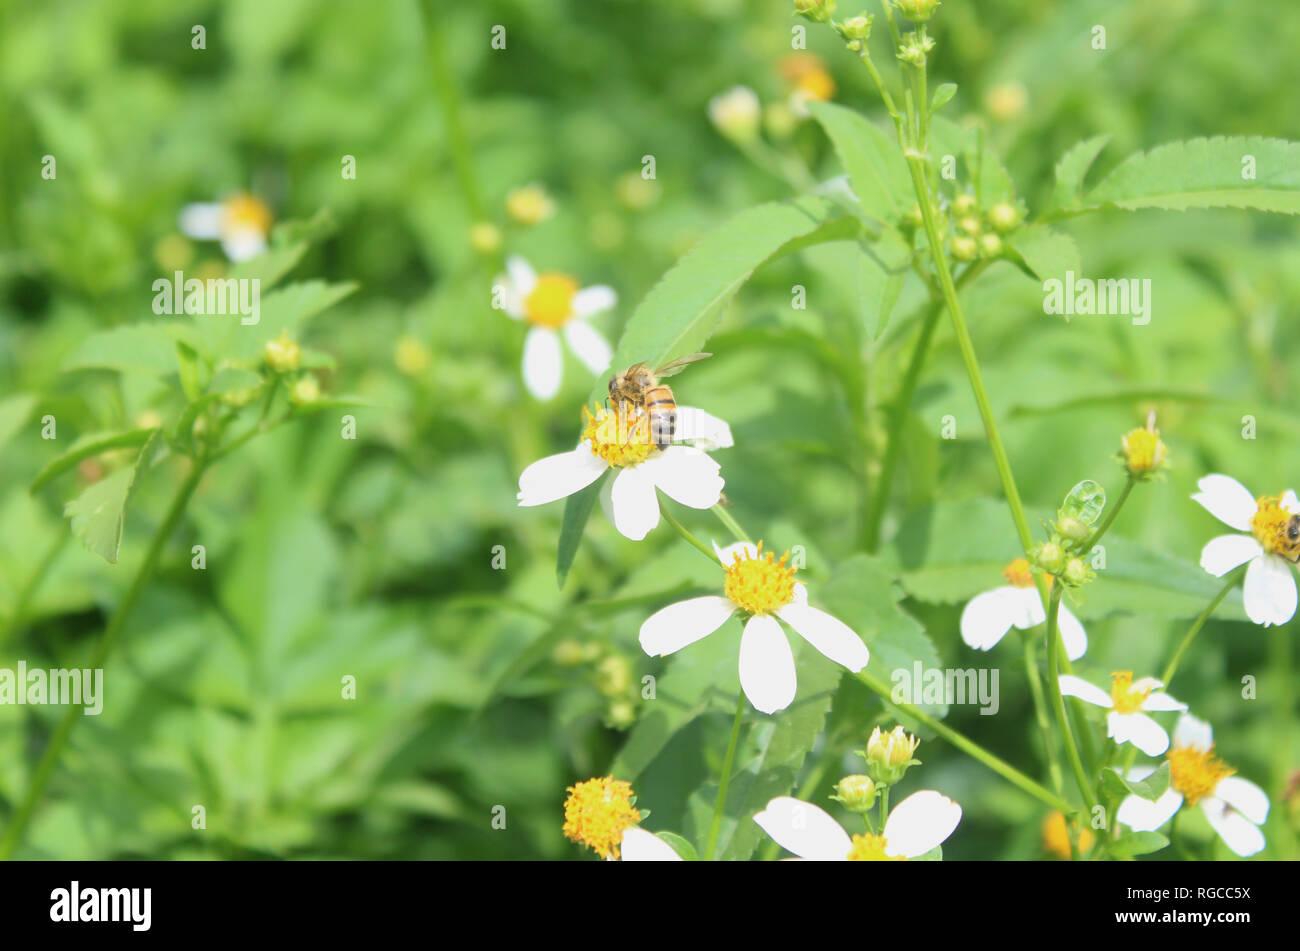 Cerca del jardín y las abejas tomando nectar Imagen De Stock